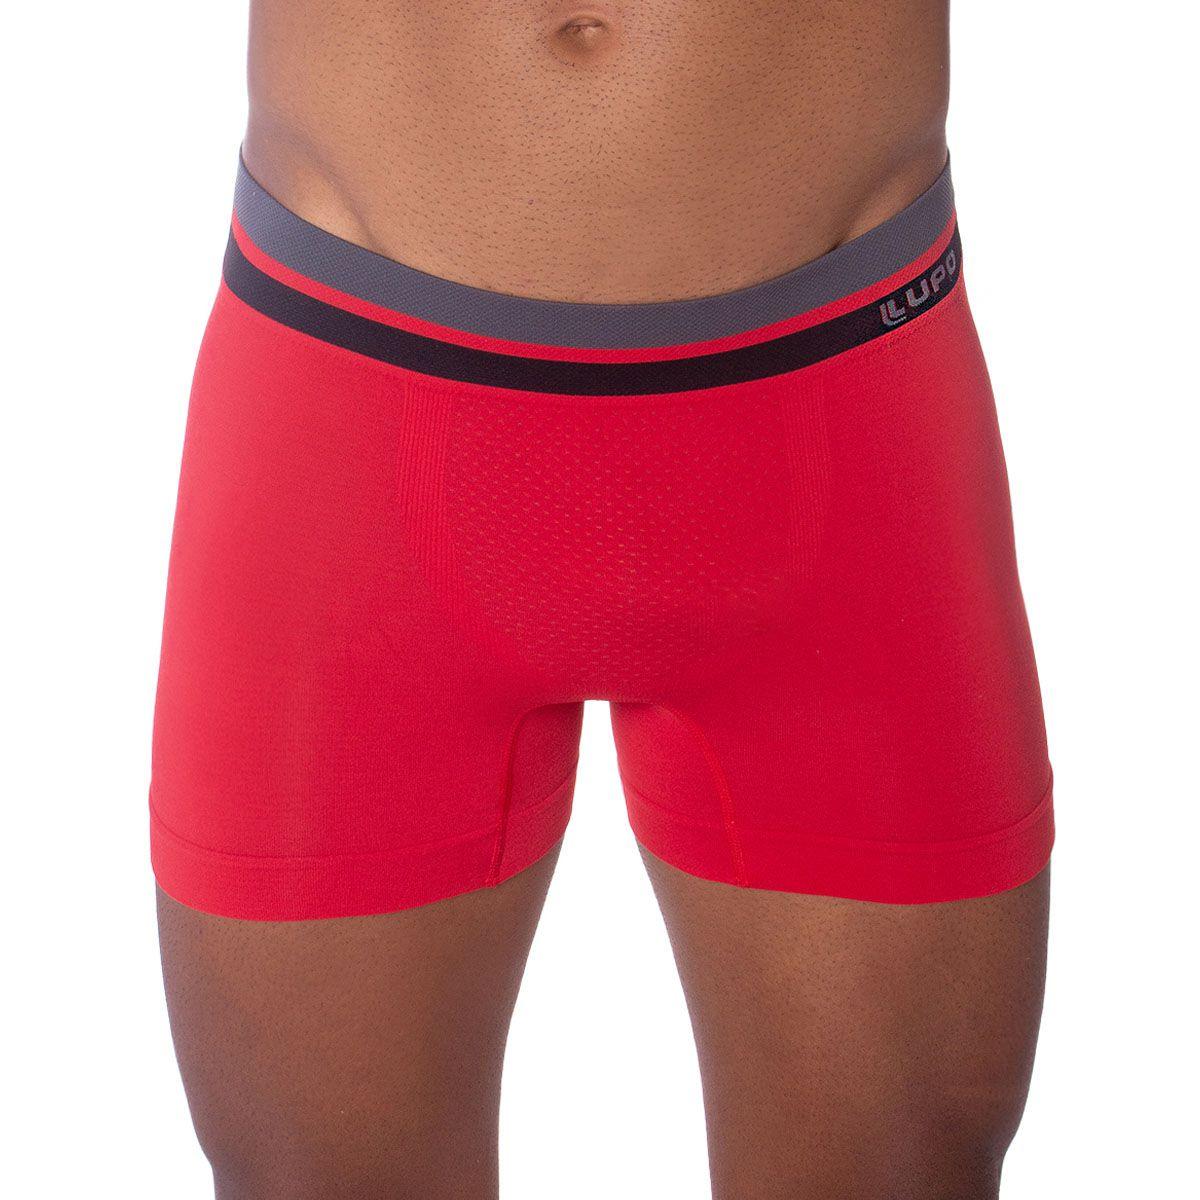 Cueca masculina boxer sem costura Lupo